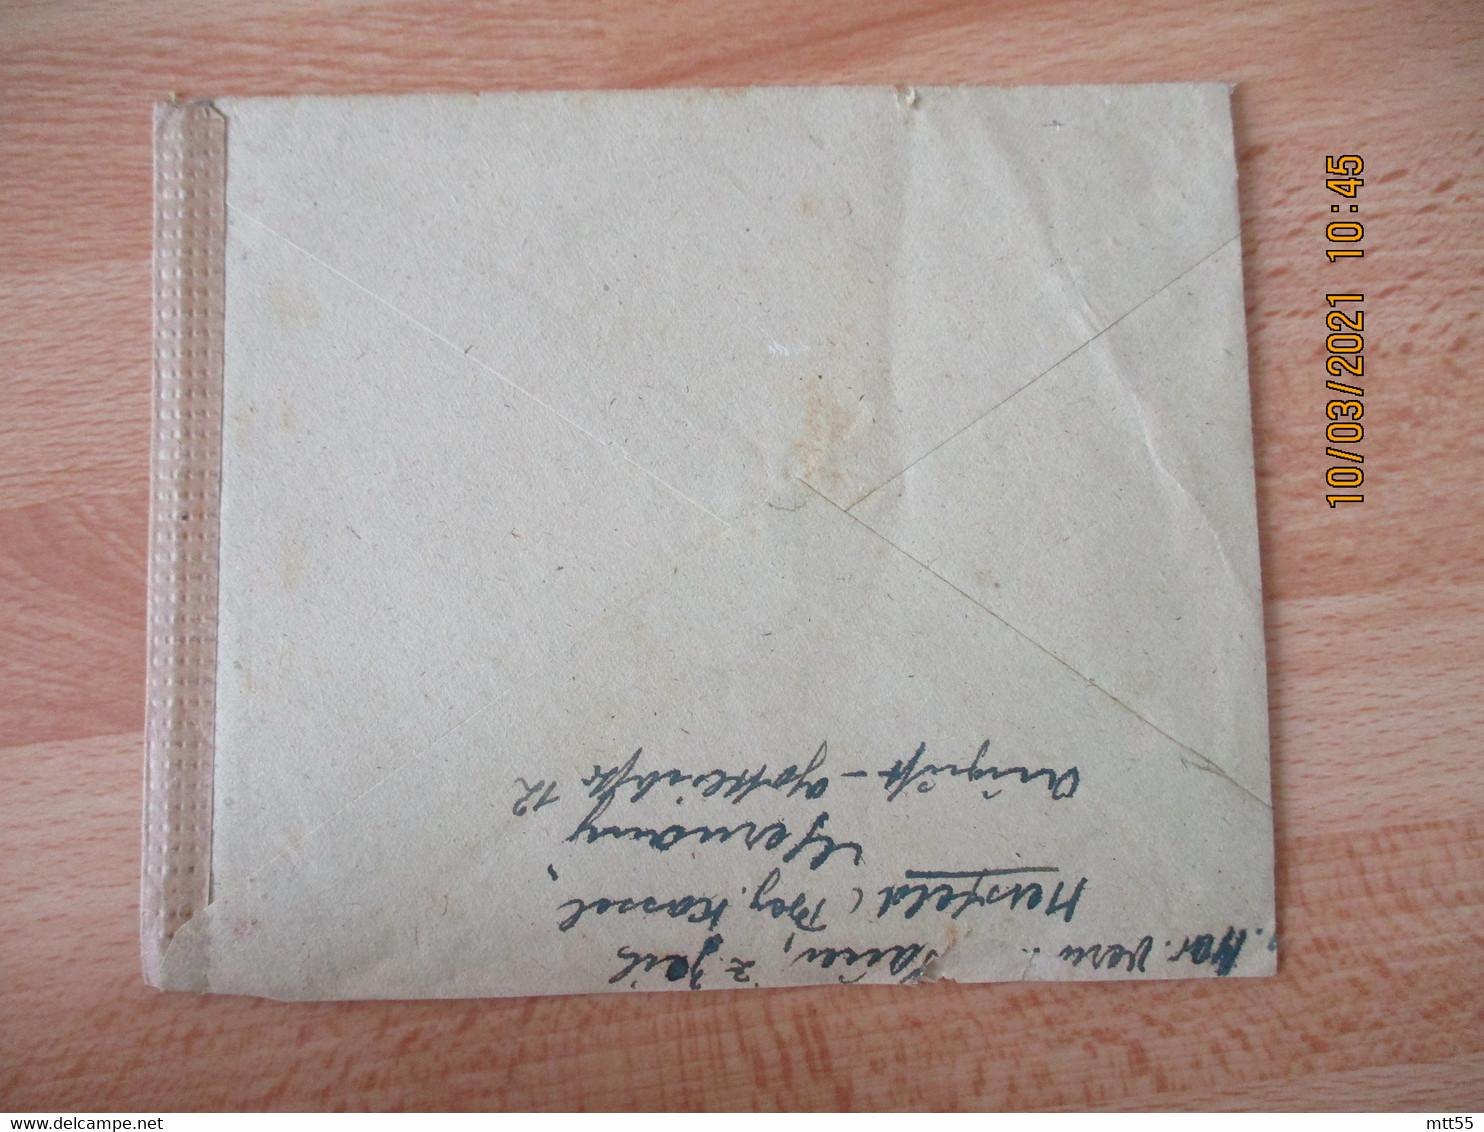 1944 Lettre Ouverture  Censure   Censure Allemande Et Americaine Soldat Allemand Prisonnier A New York - 2. Weltkrieg 1939-1945